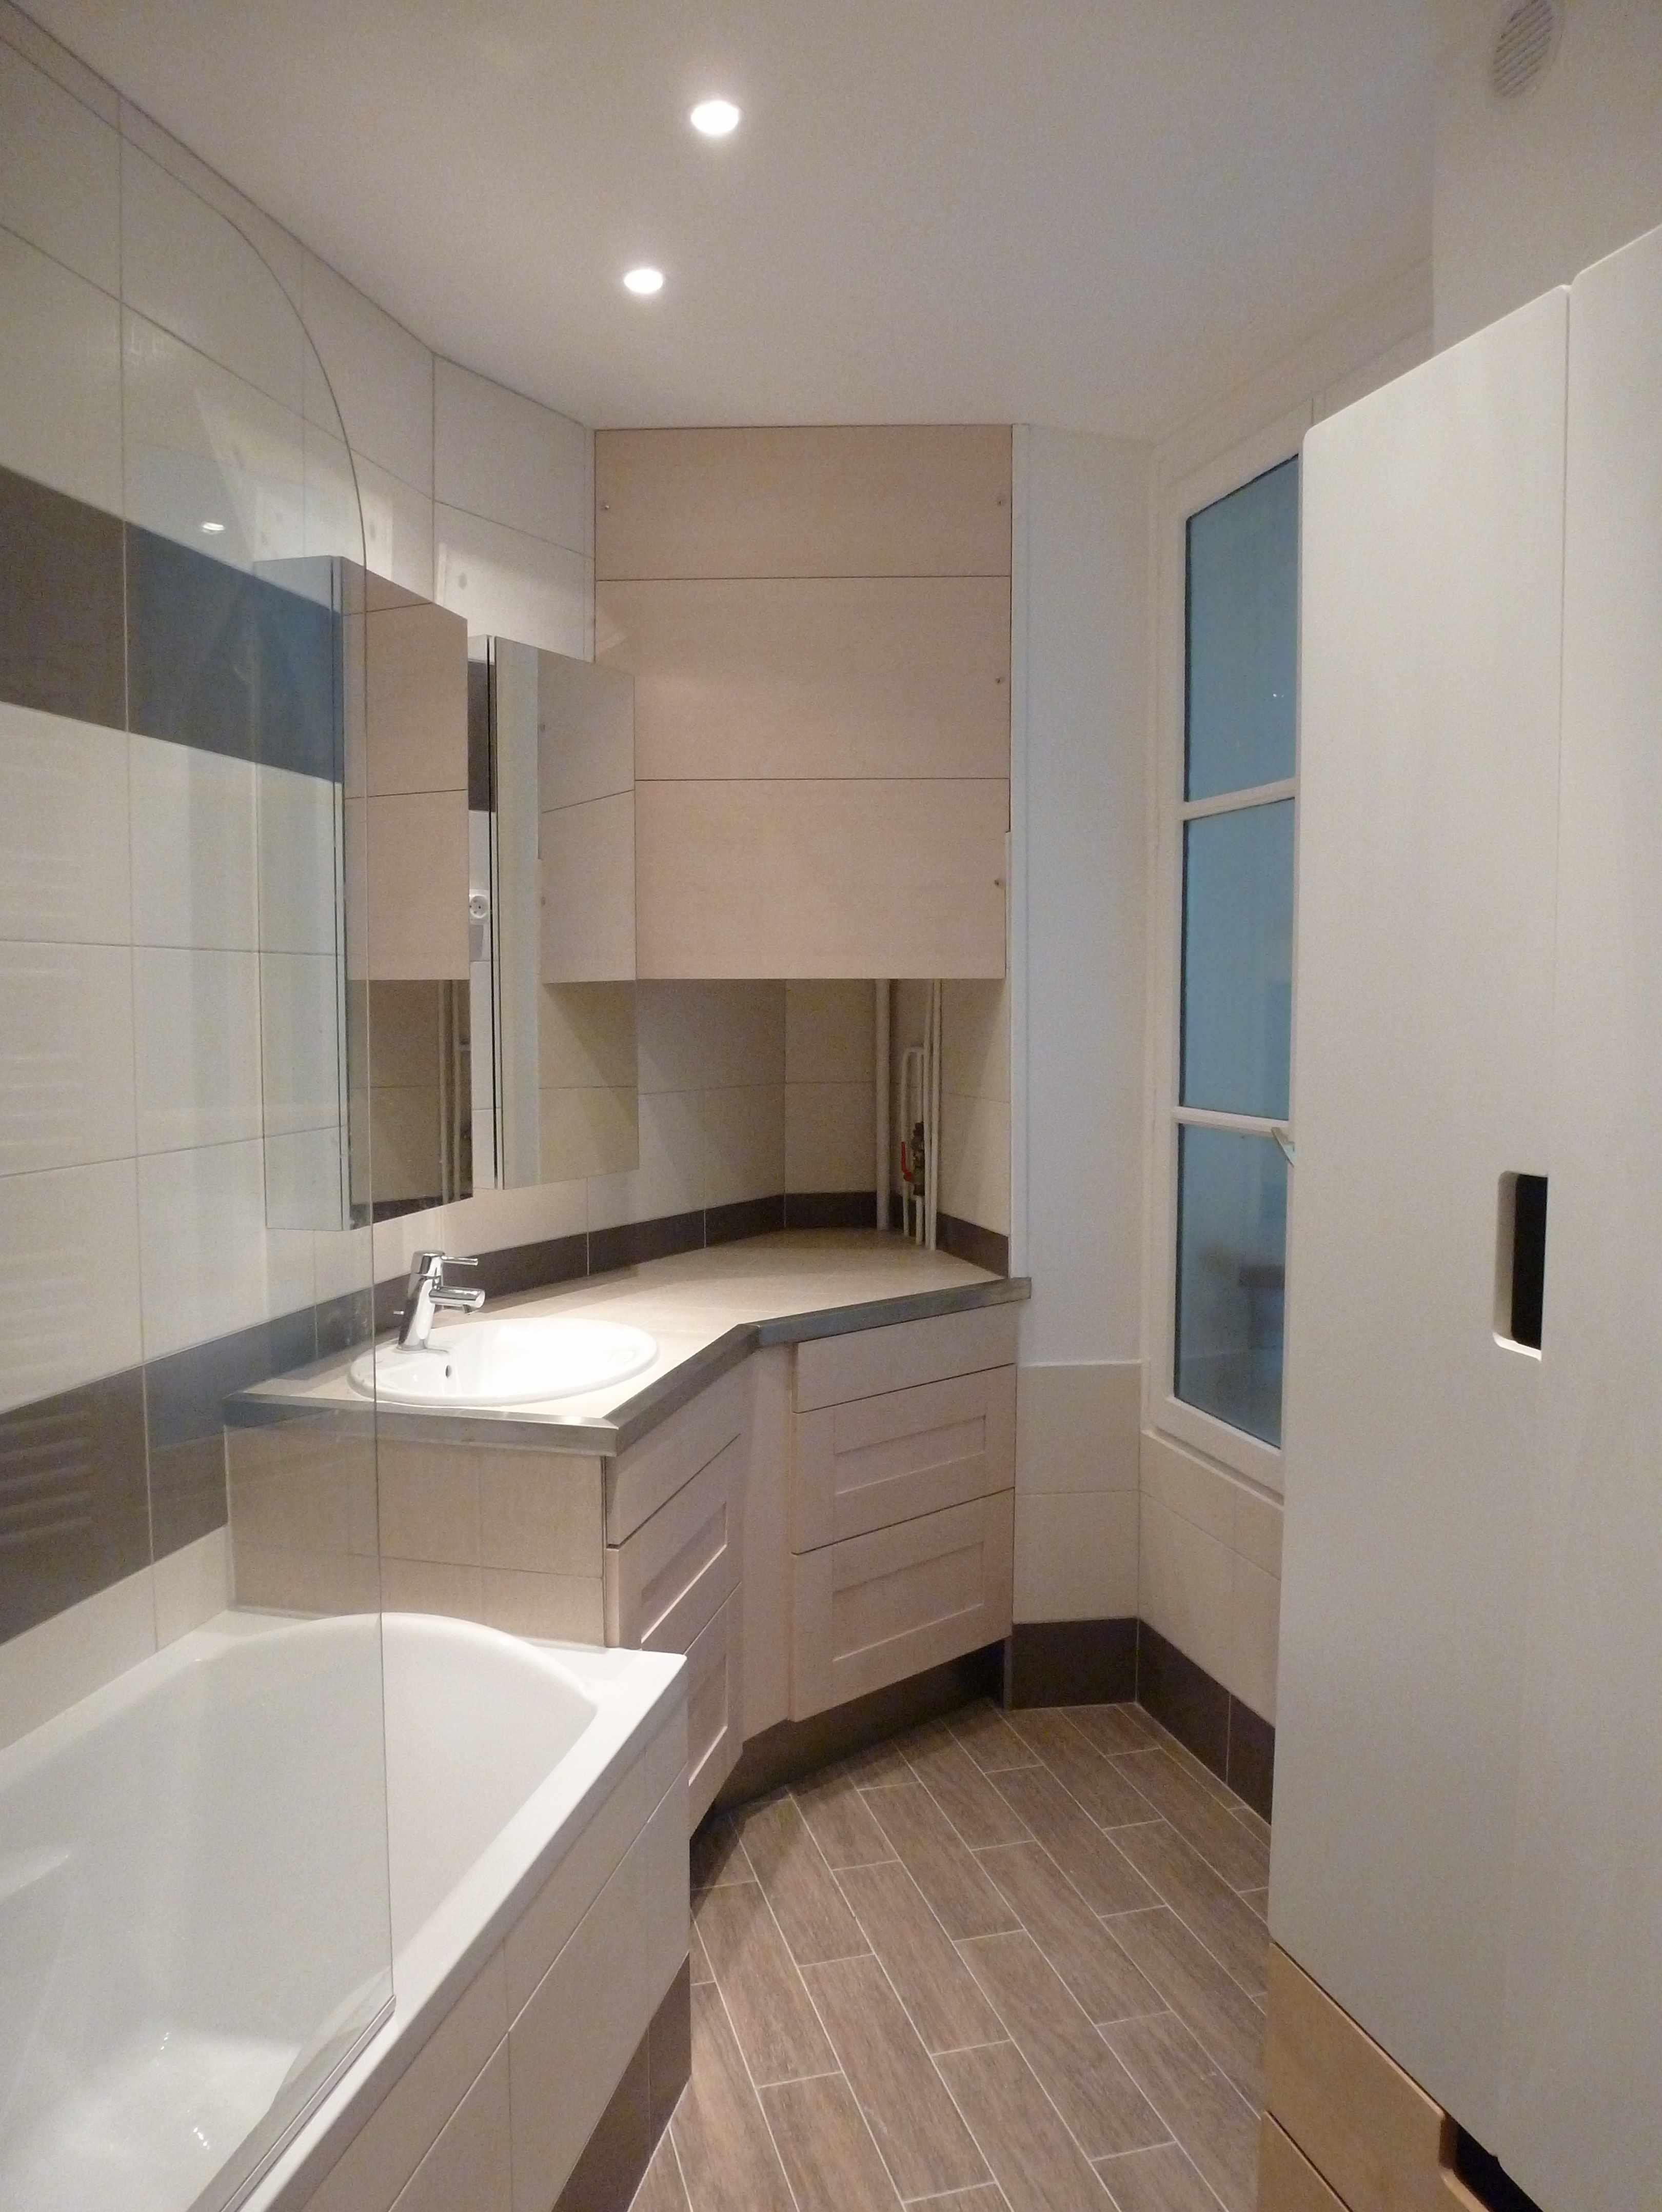 Salle de bain Paris Renovation Conseil deco